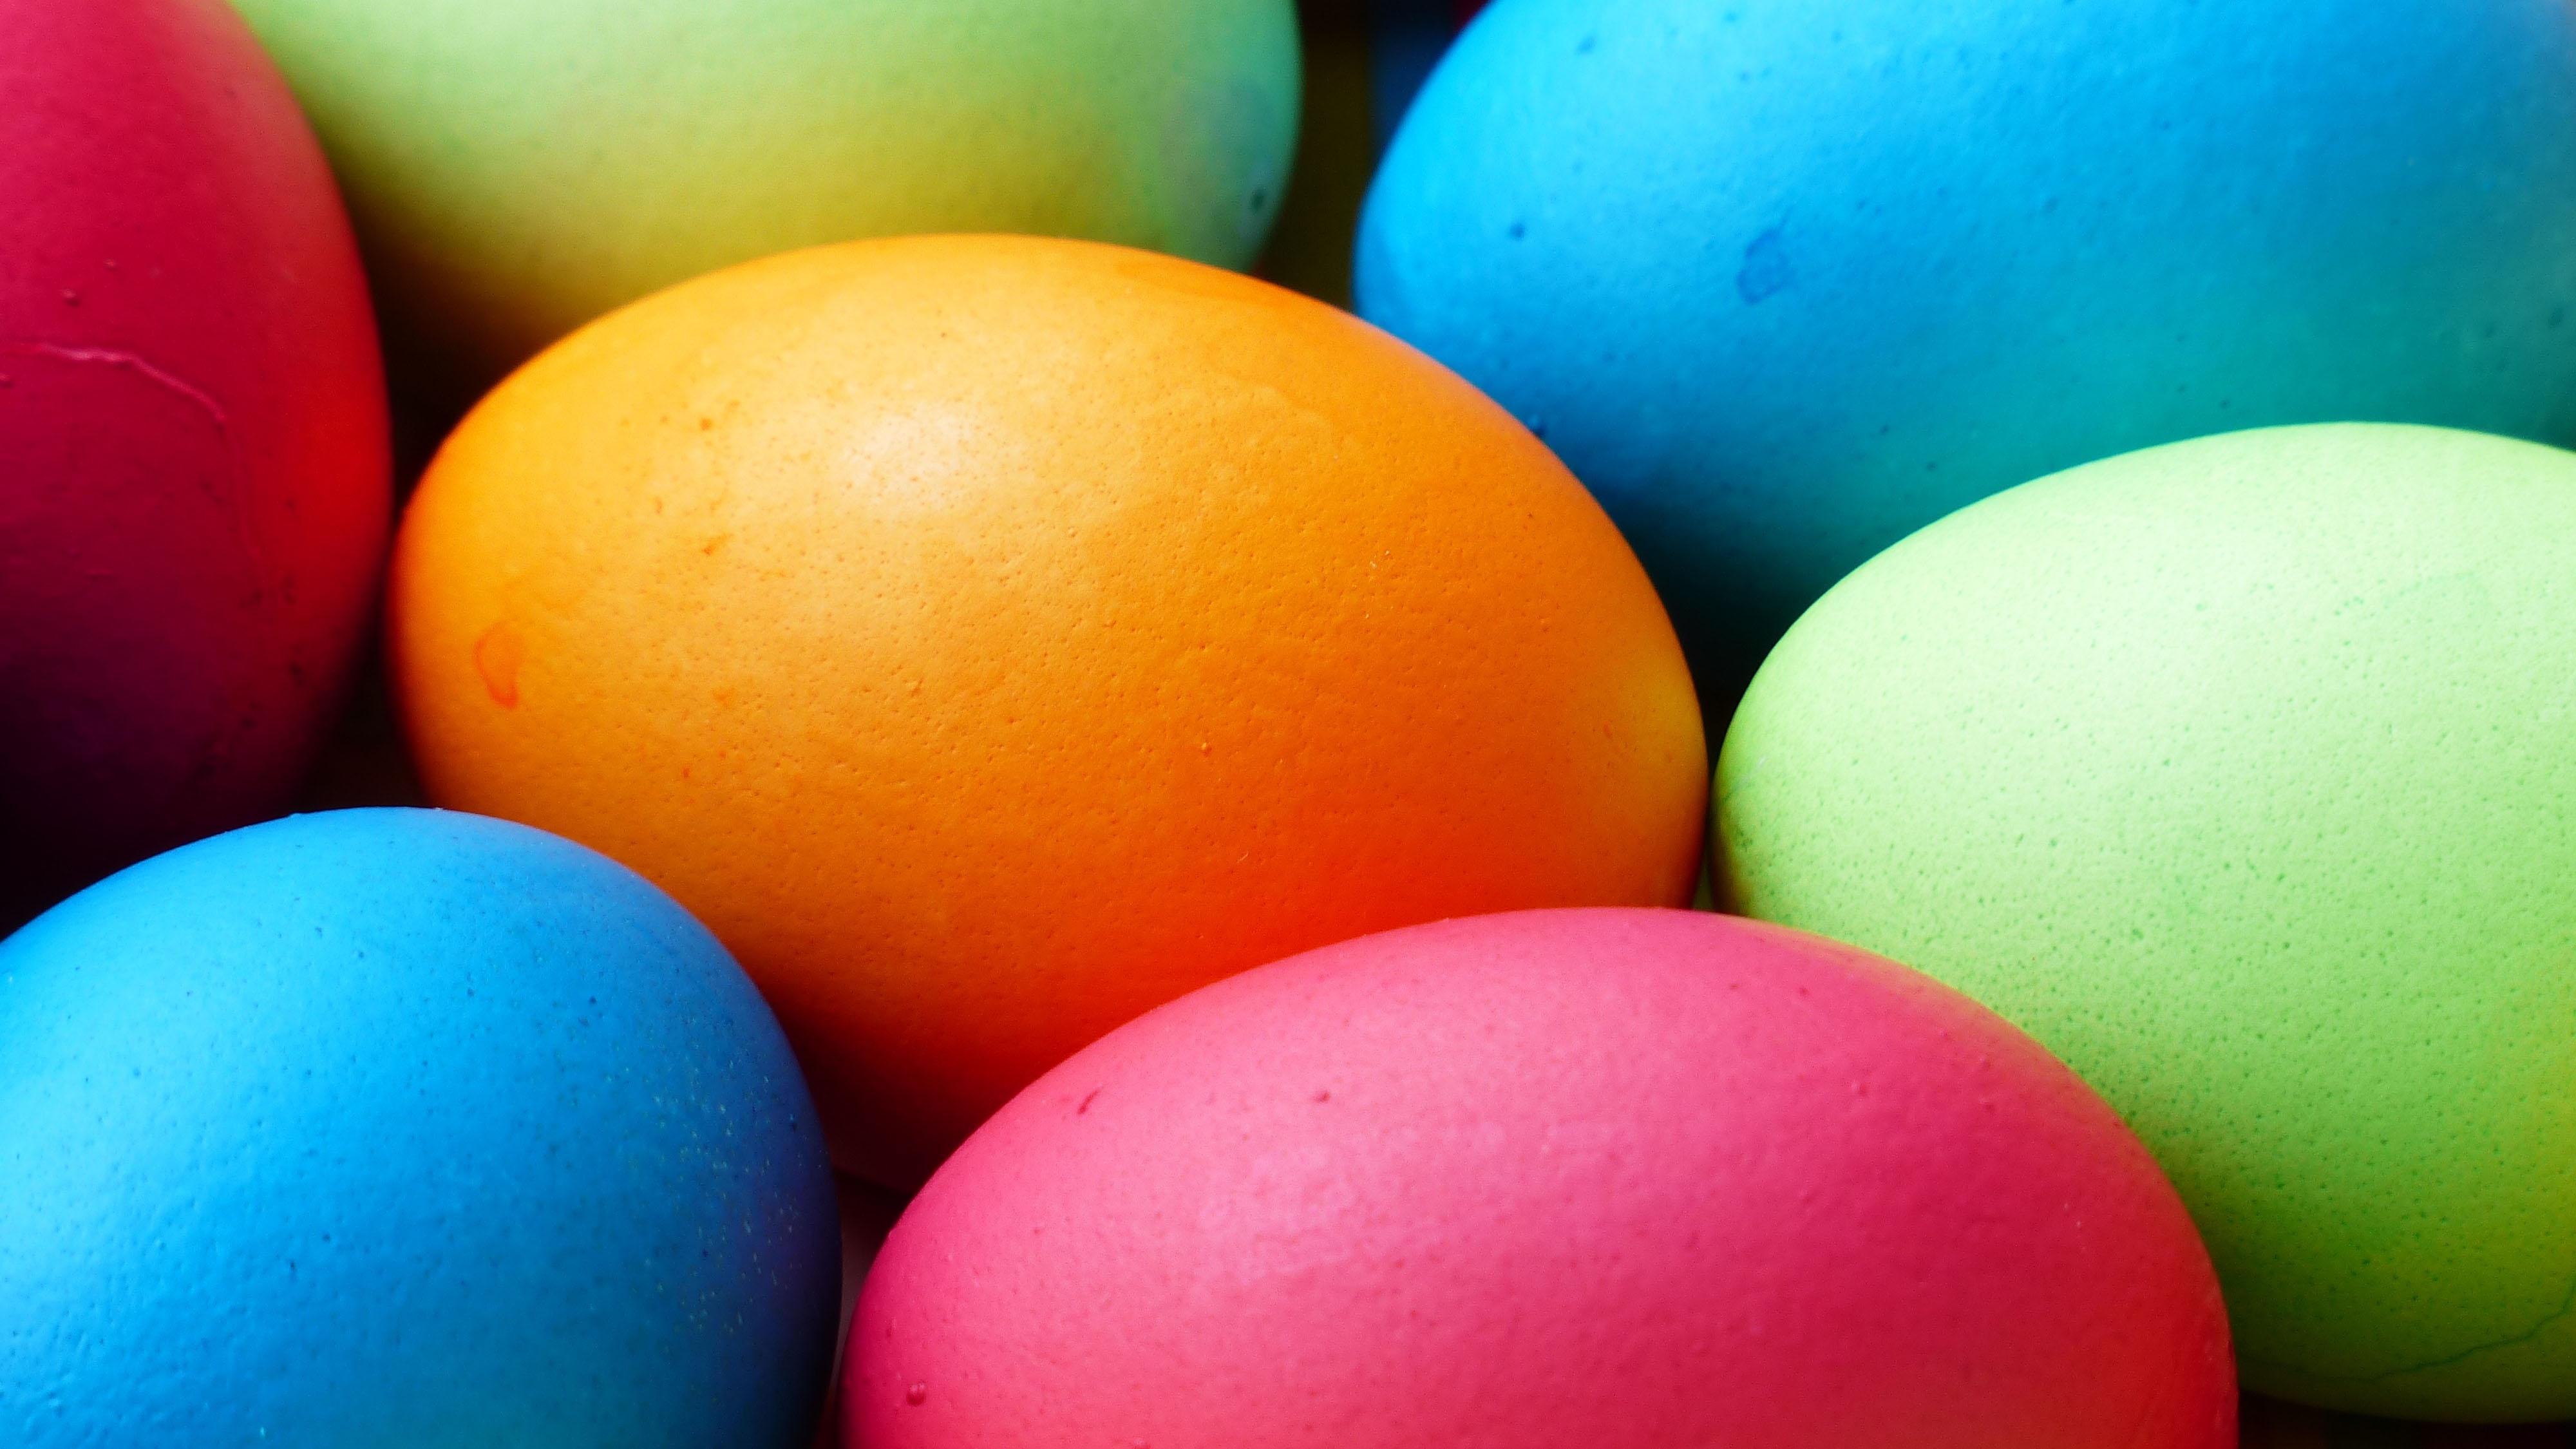 Hình nền màn hình máy tính những quả trứng tô màu